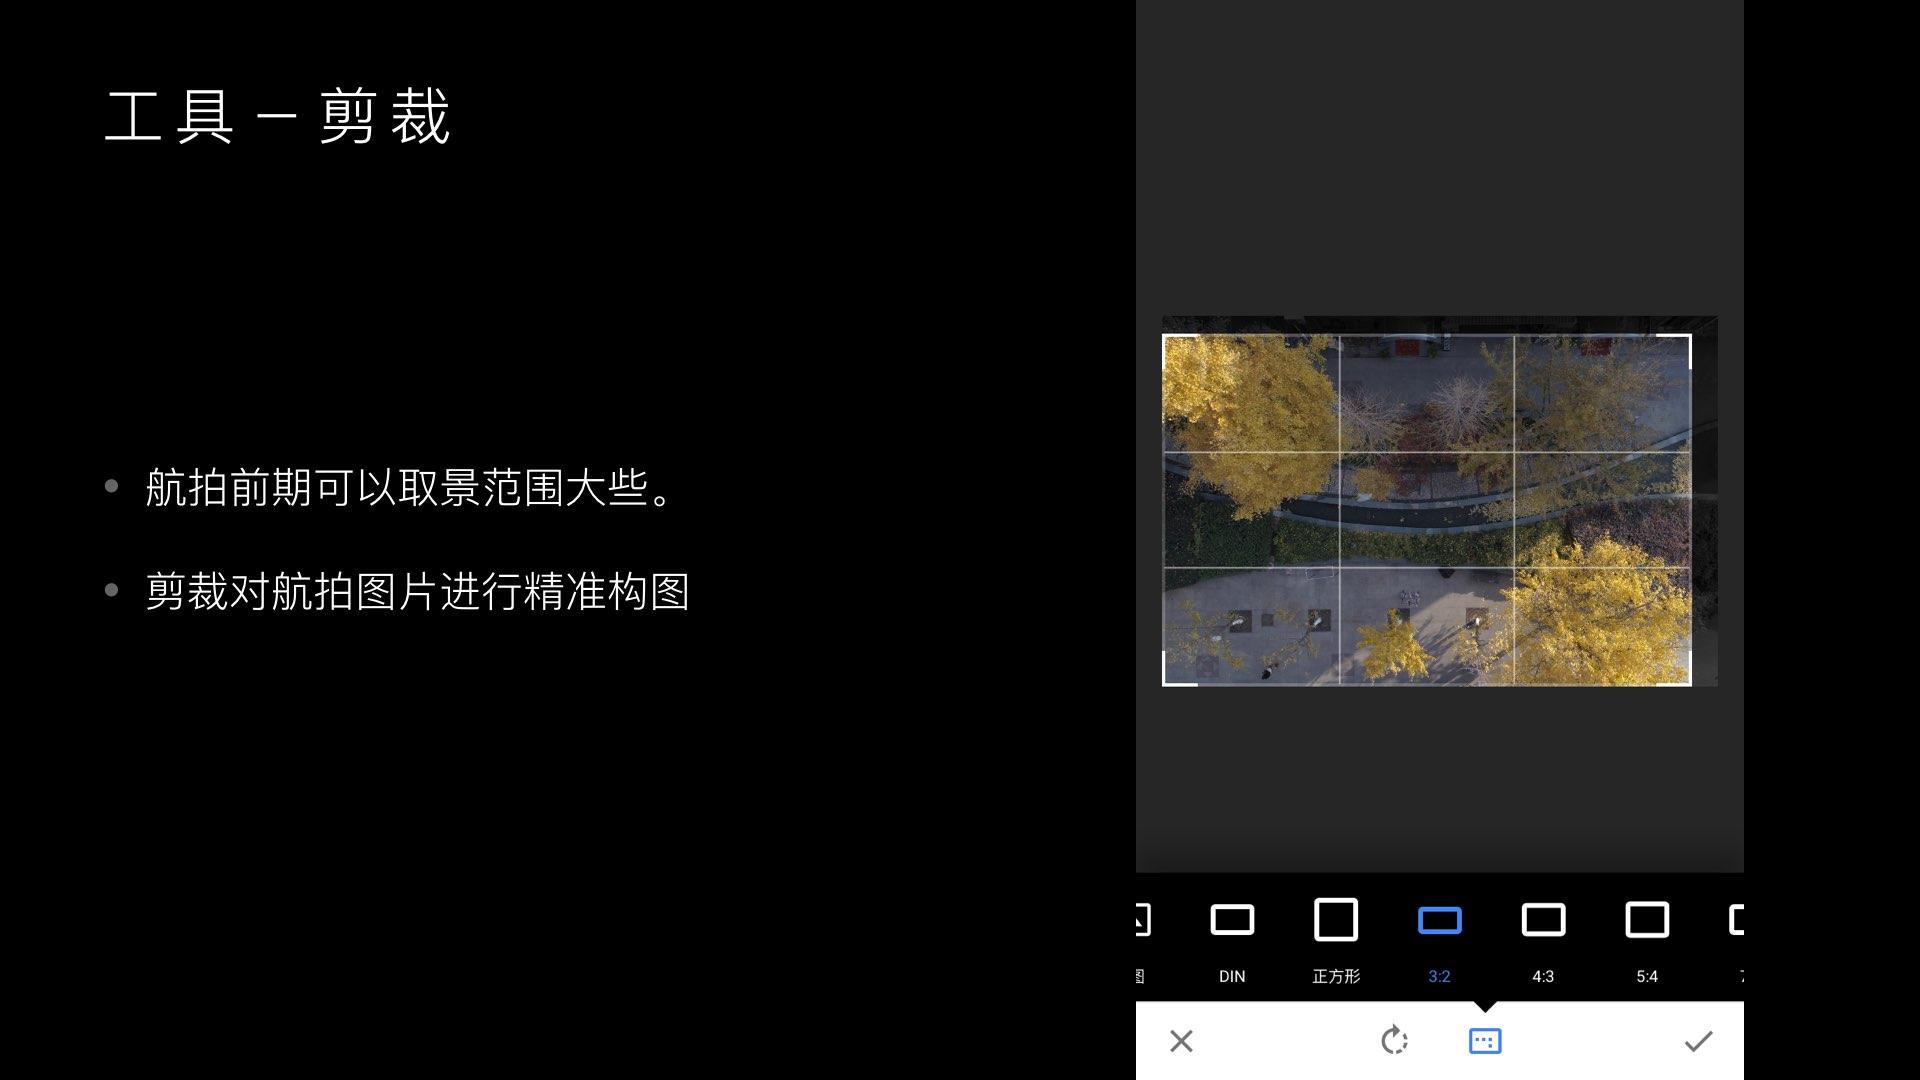 化腐朽为神奇,Snapseed图片编辑教程.009.jpeg